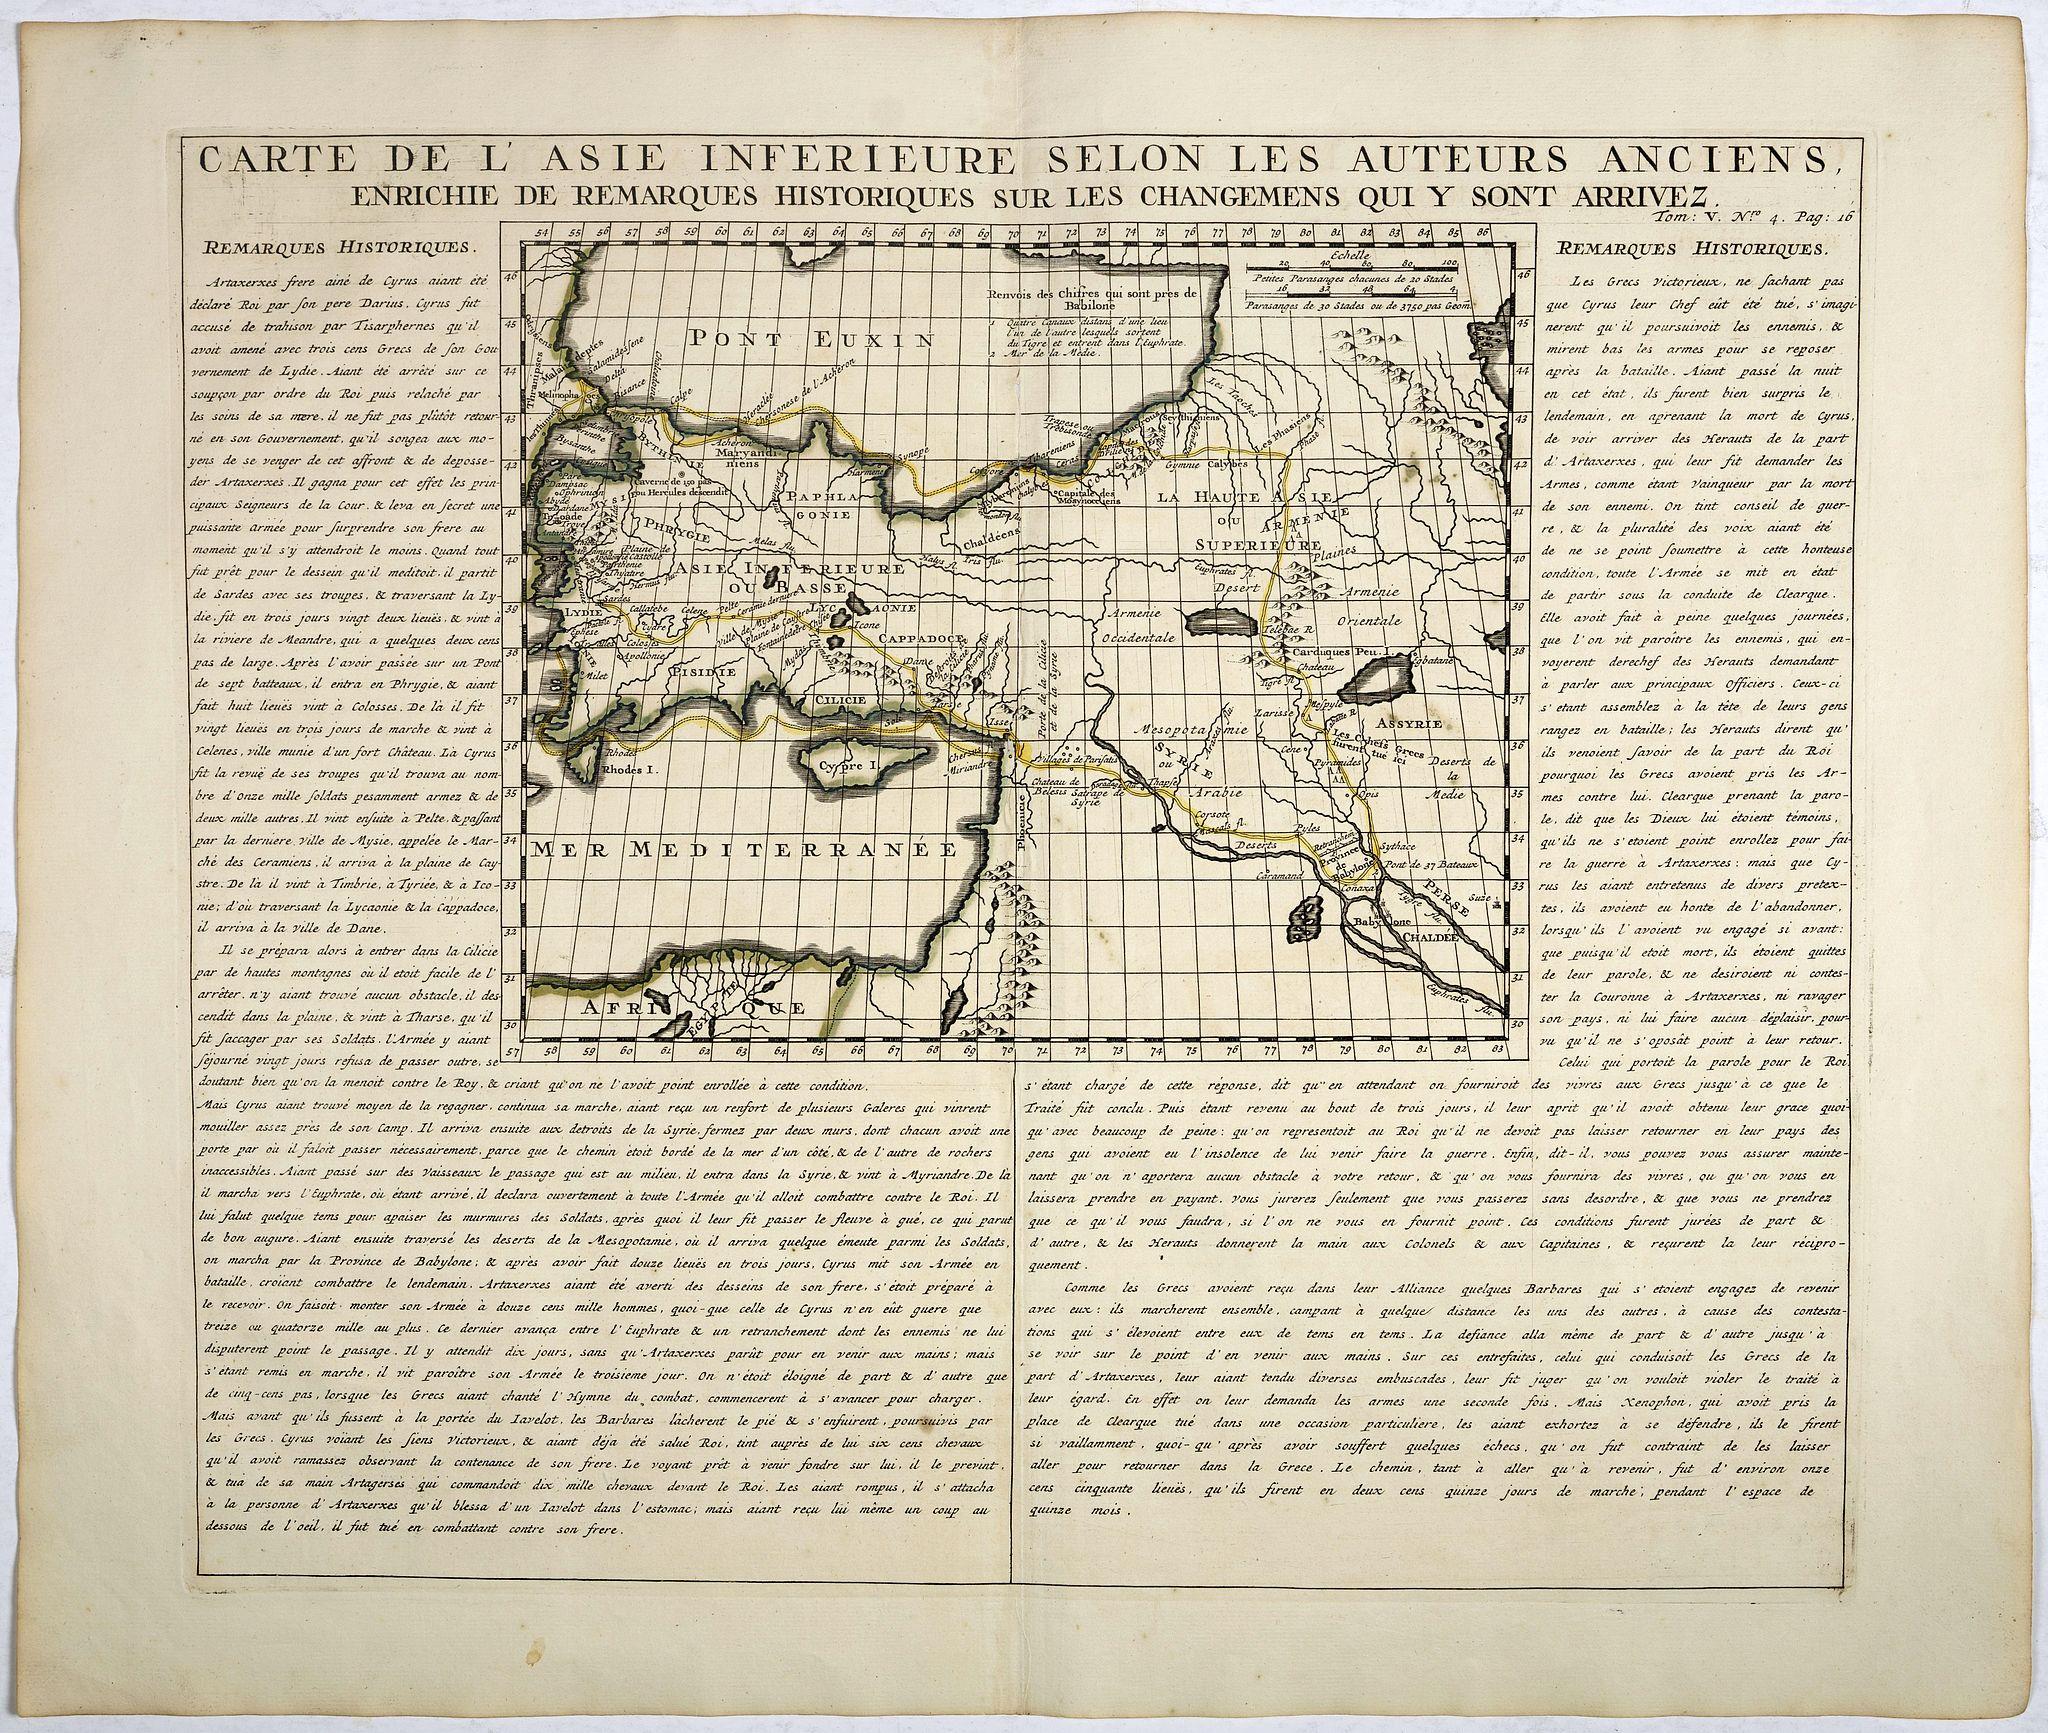 CHATELAIN, H. -  Carte De L'Asie Inferieure Selon Les Auteurs Anciens, Enrichie de Remarques Historiques sur les Changemens qui y sont arrivez.